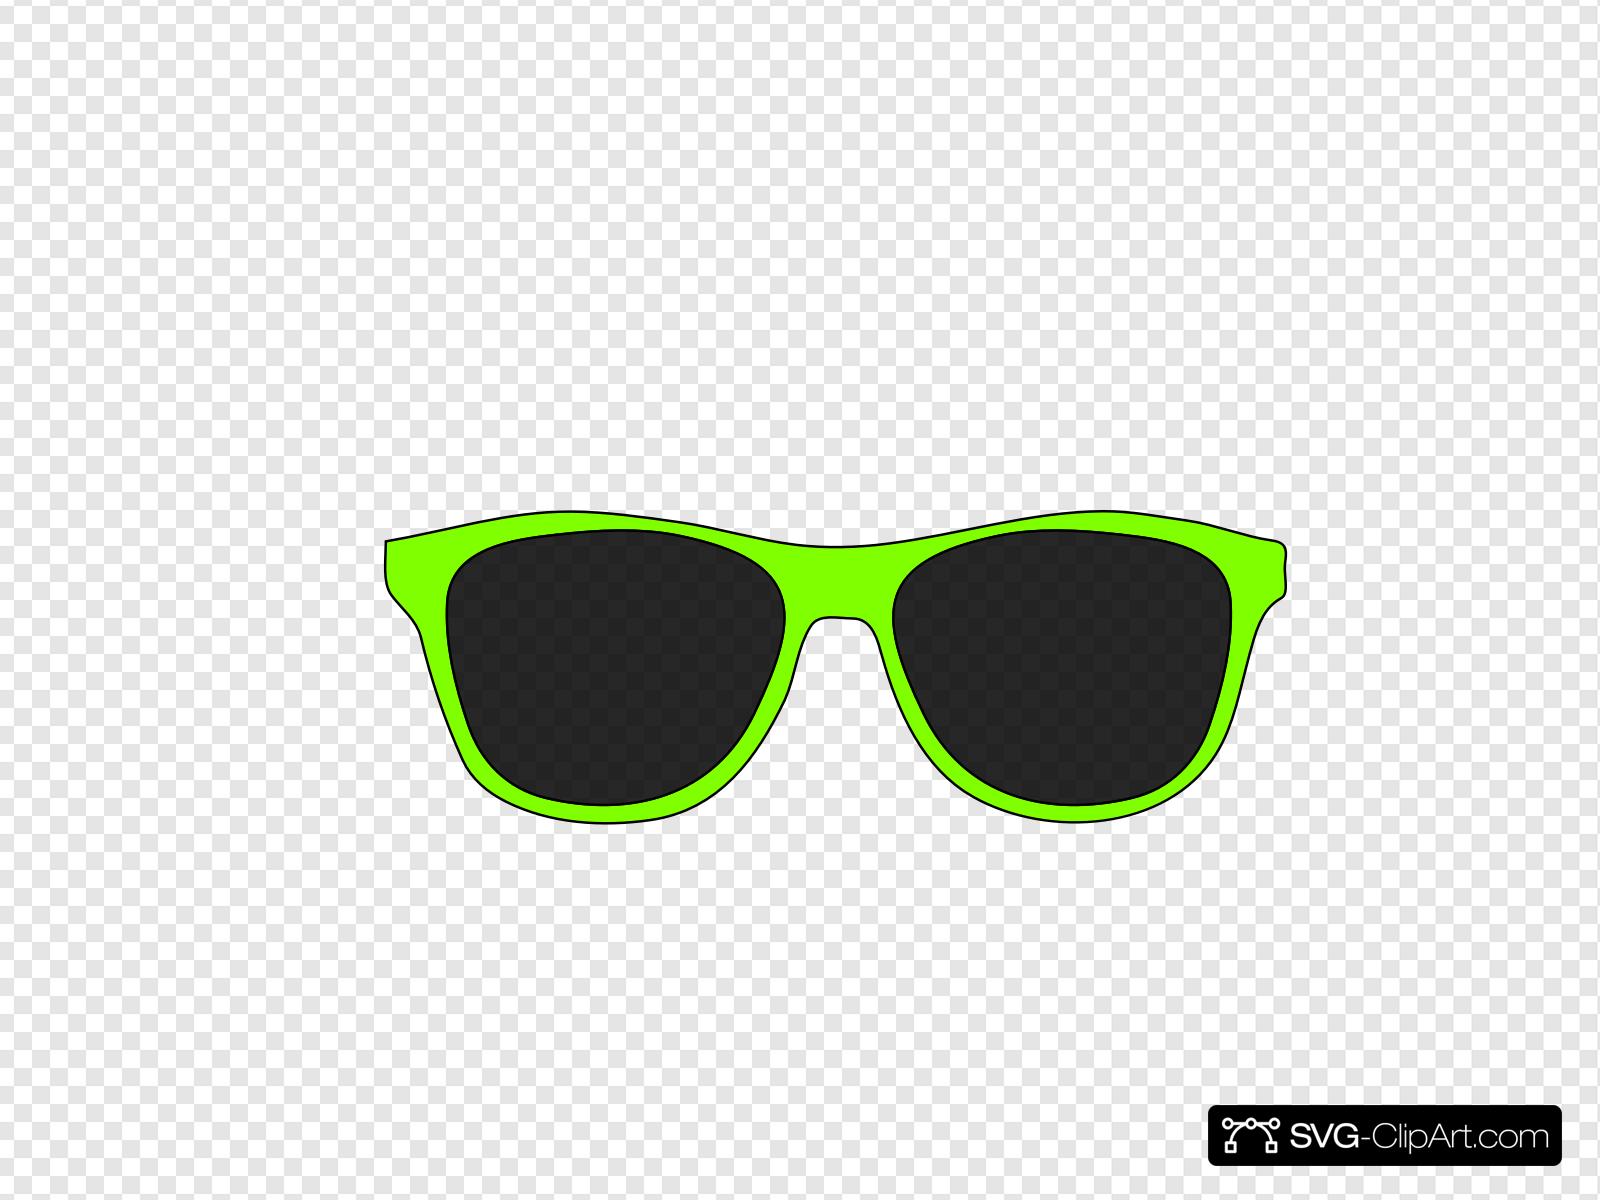 Sunglasses clipart green. Clip art icon and